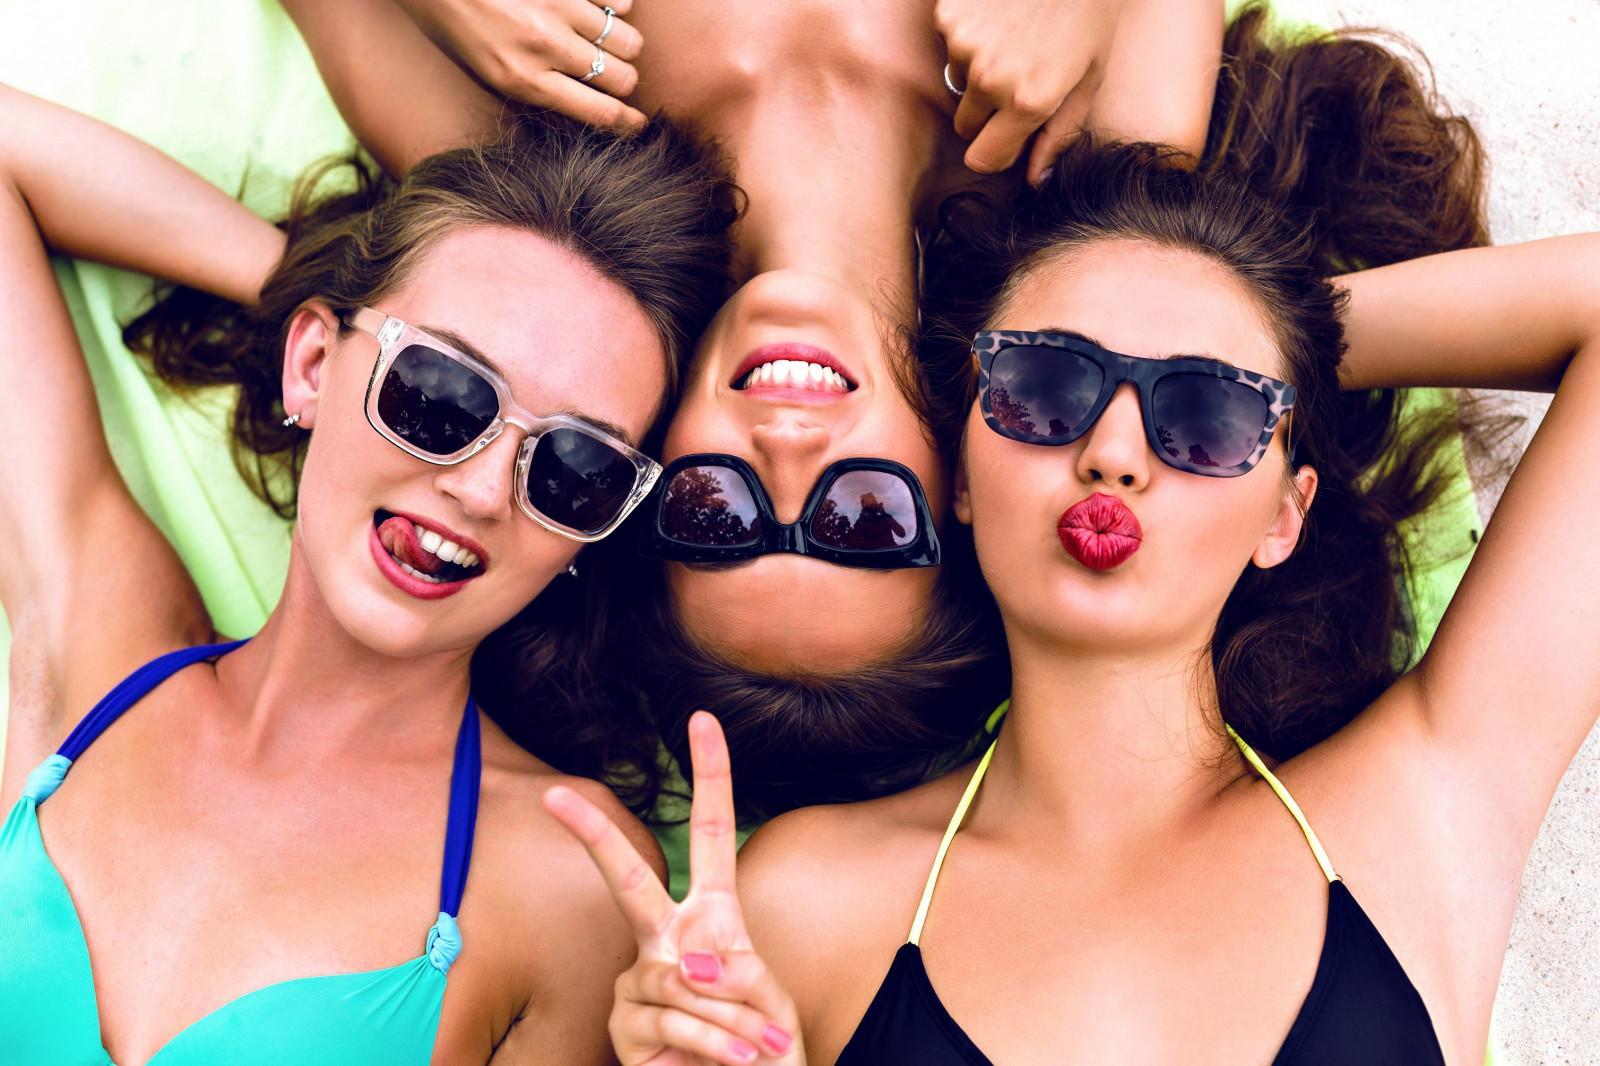 Картинки позитивные для мужчин и женщин, отпуска